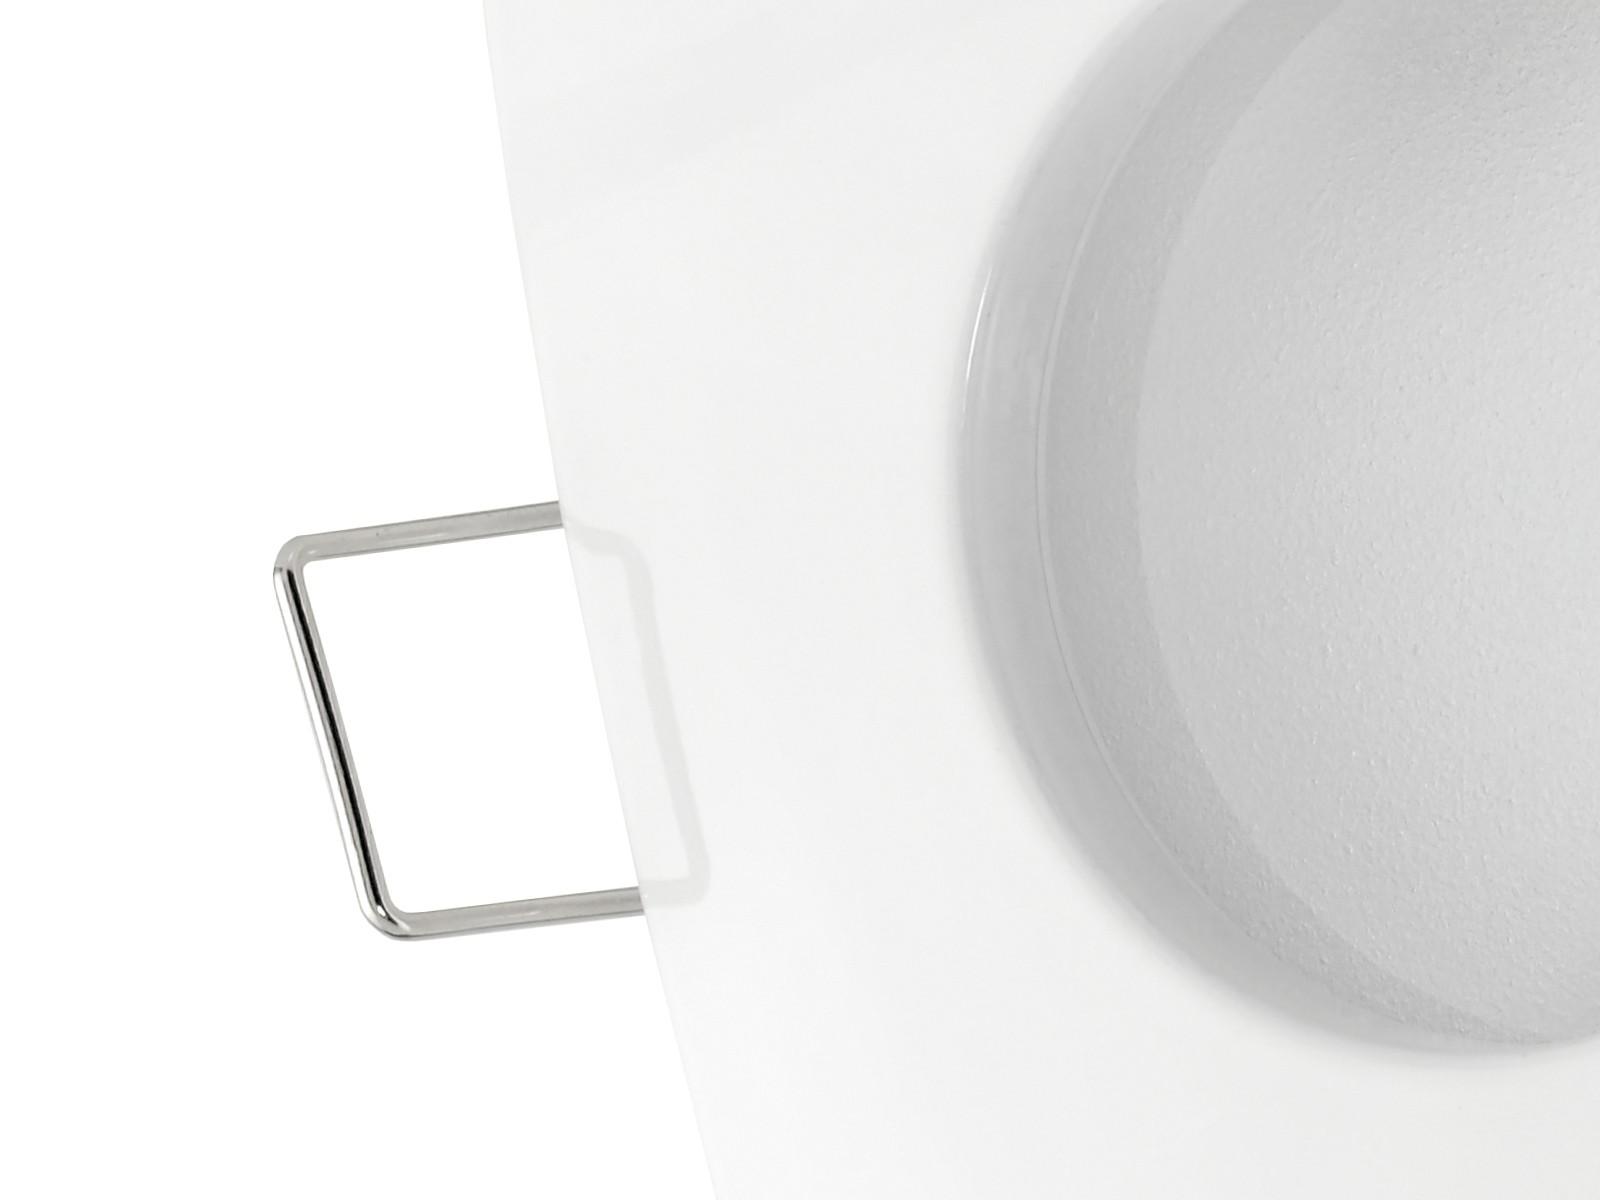 qw 1 feuchtraum led einbaustrahler bad einbauleuchte weiss ip65 5w smd leds warm wei gu10. Black Bedroom Furniture Sets. Home Design Ideas